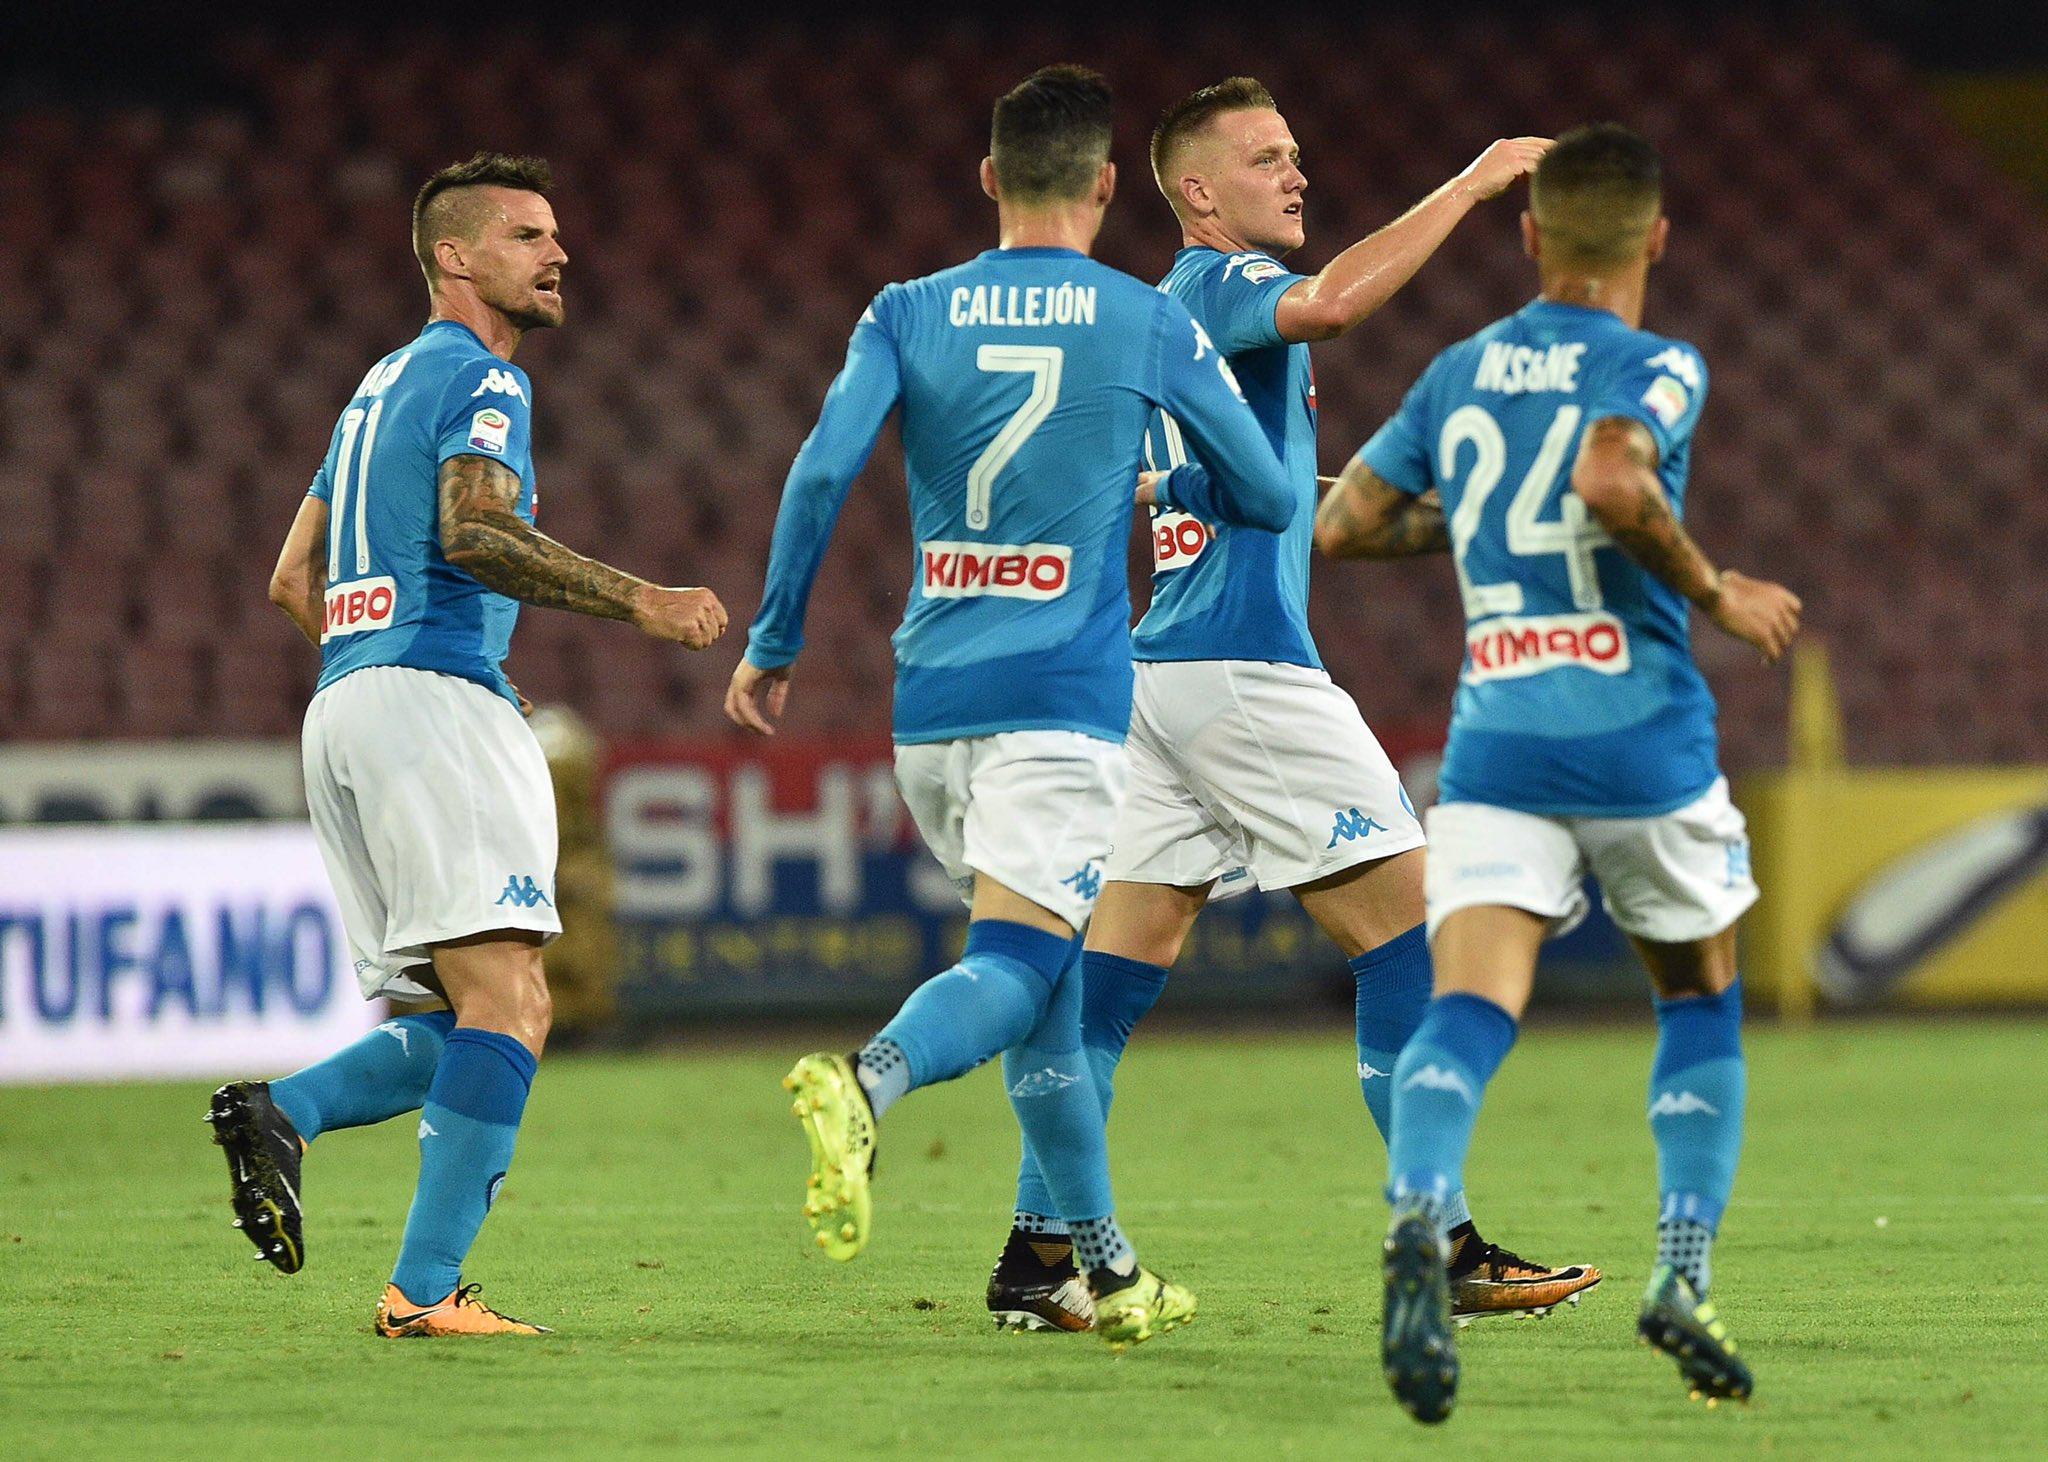 Napoli-Atalanta 3-1: primo tempo shock, la svolta arriva dalla panchina